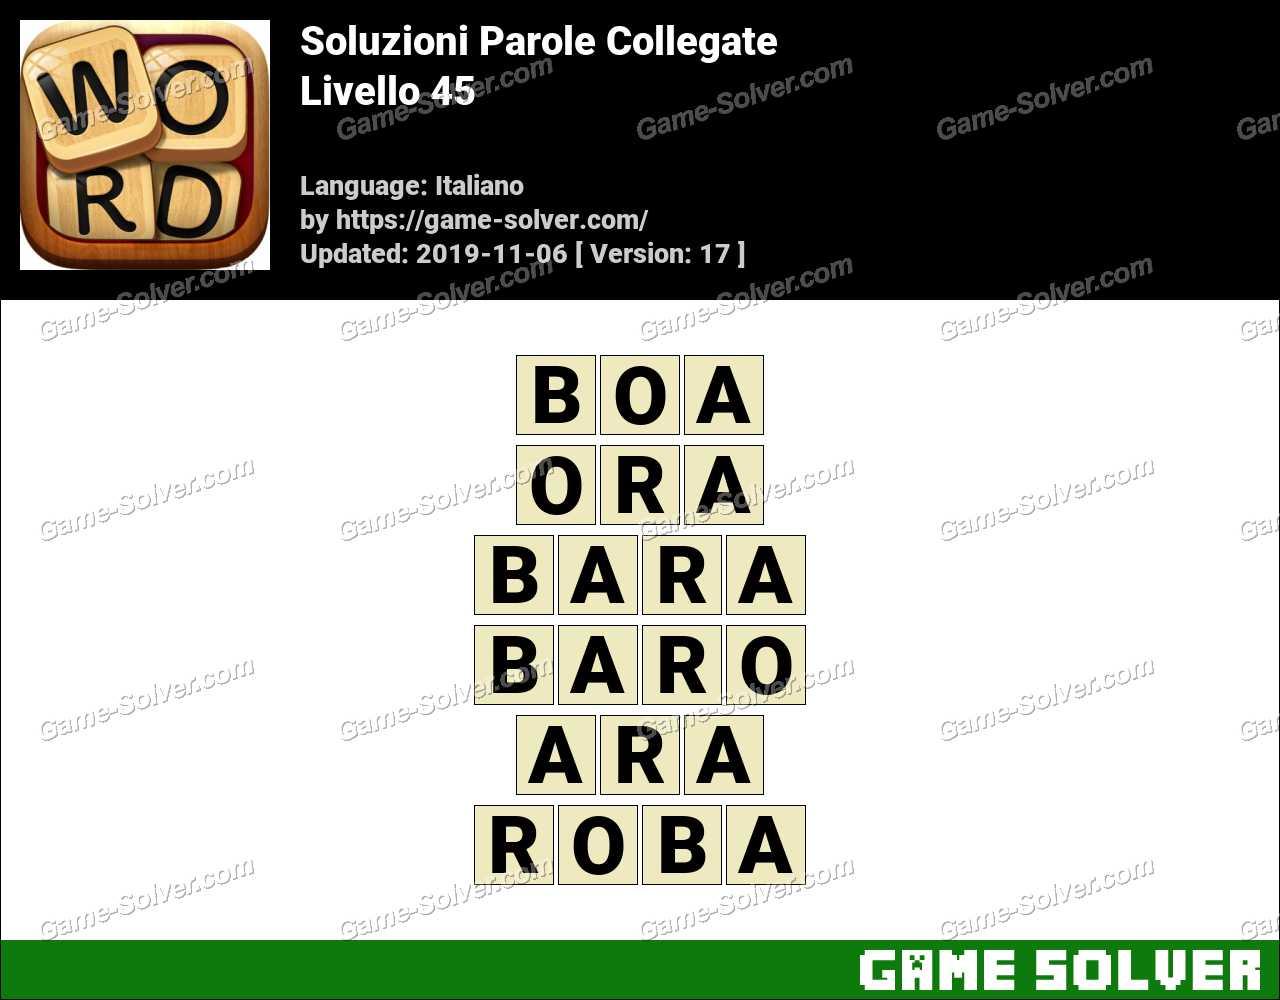 Soluzioni Parole Collegate Livello 45